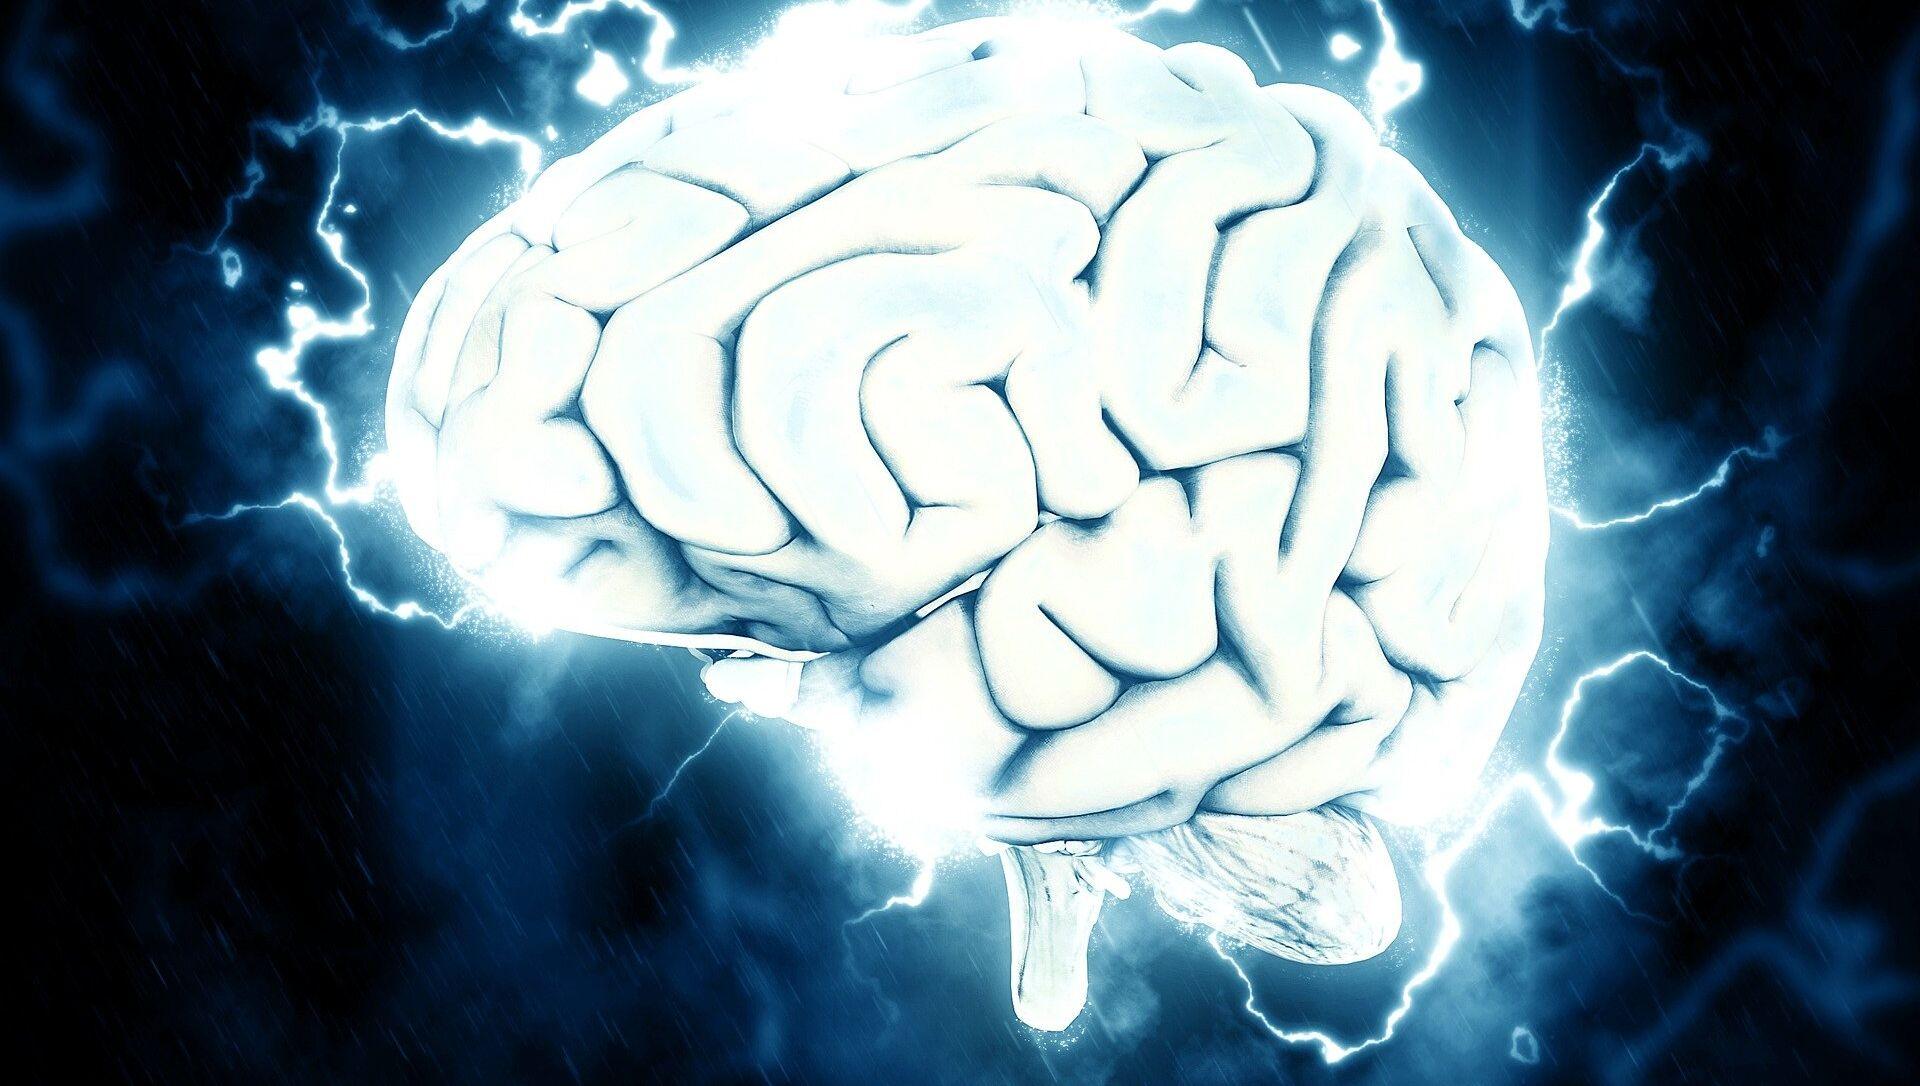 Cerebro, imagen referencial - Sputnik Mundo, 1920, 14.11.2019